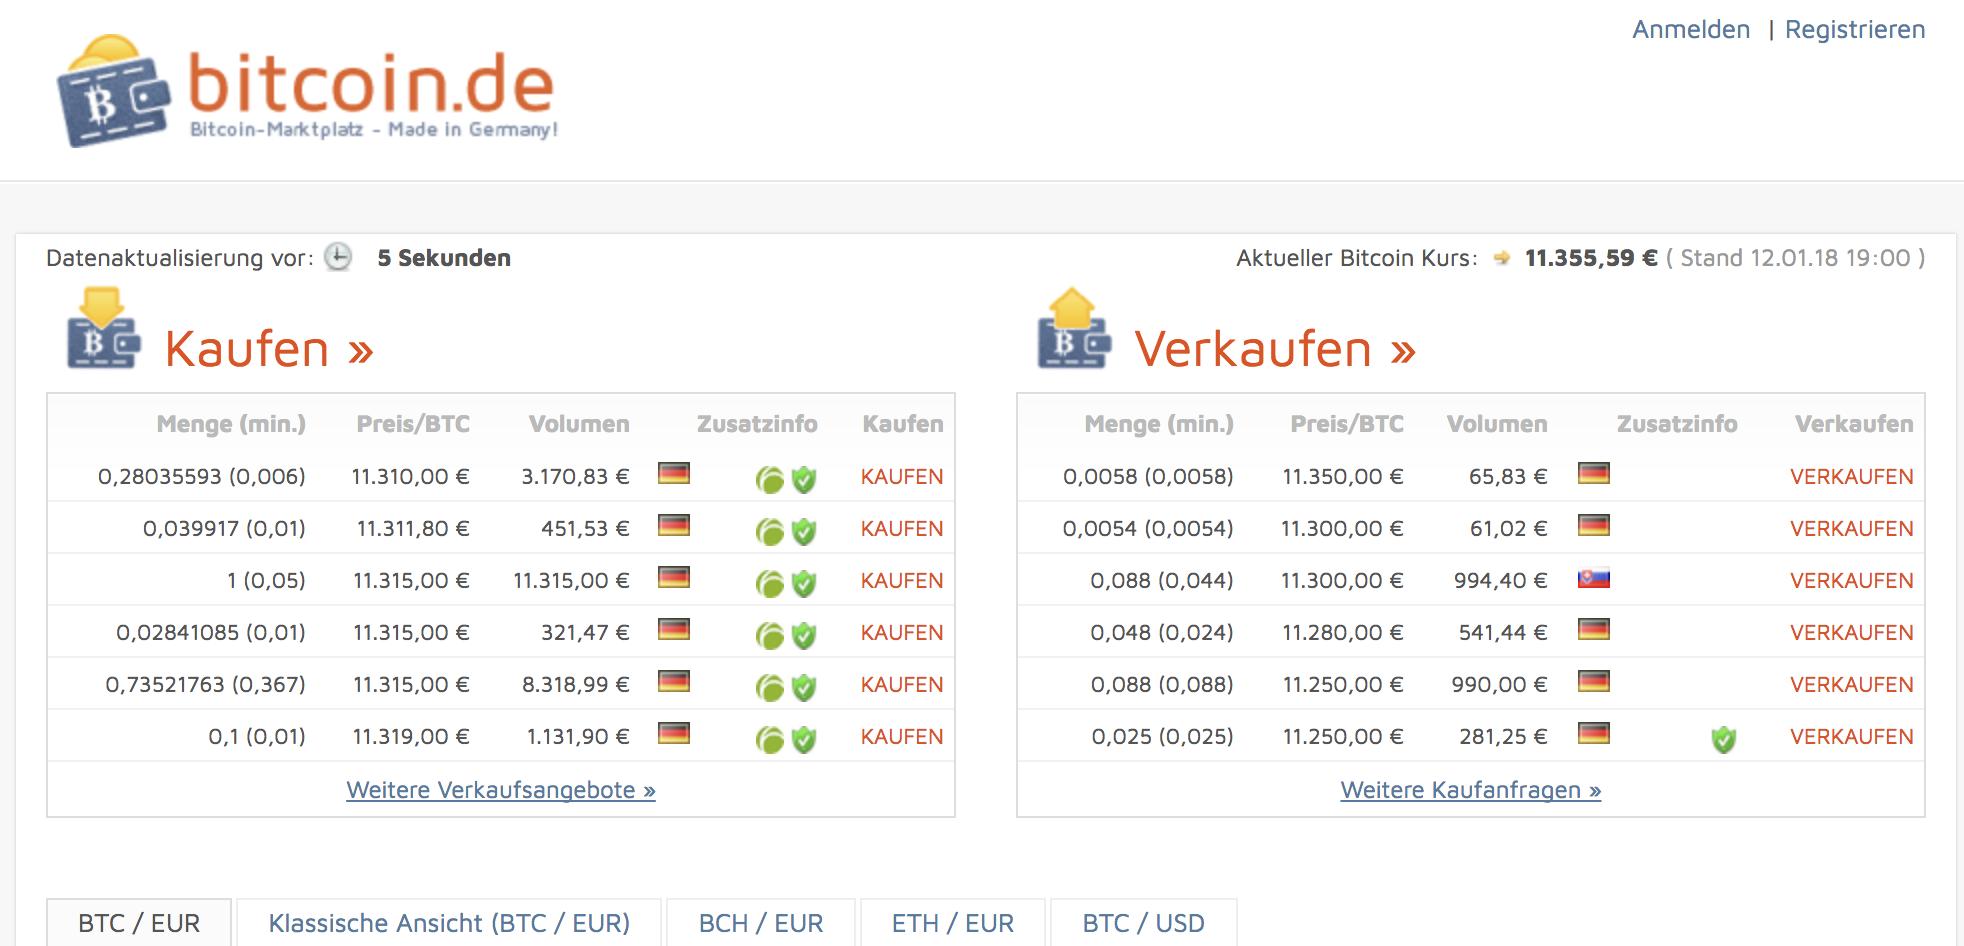 Bitcoin.de Webseite